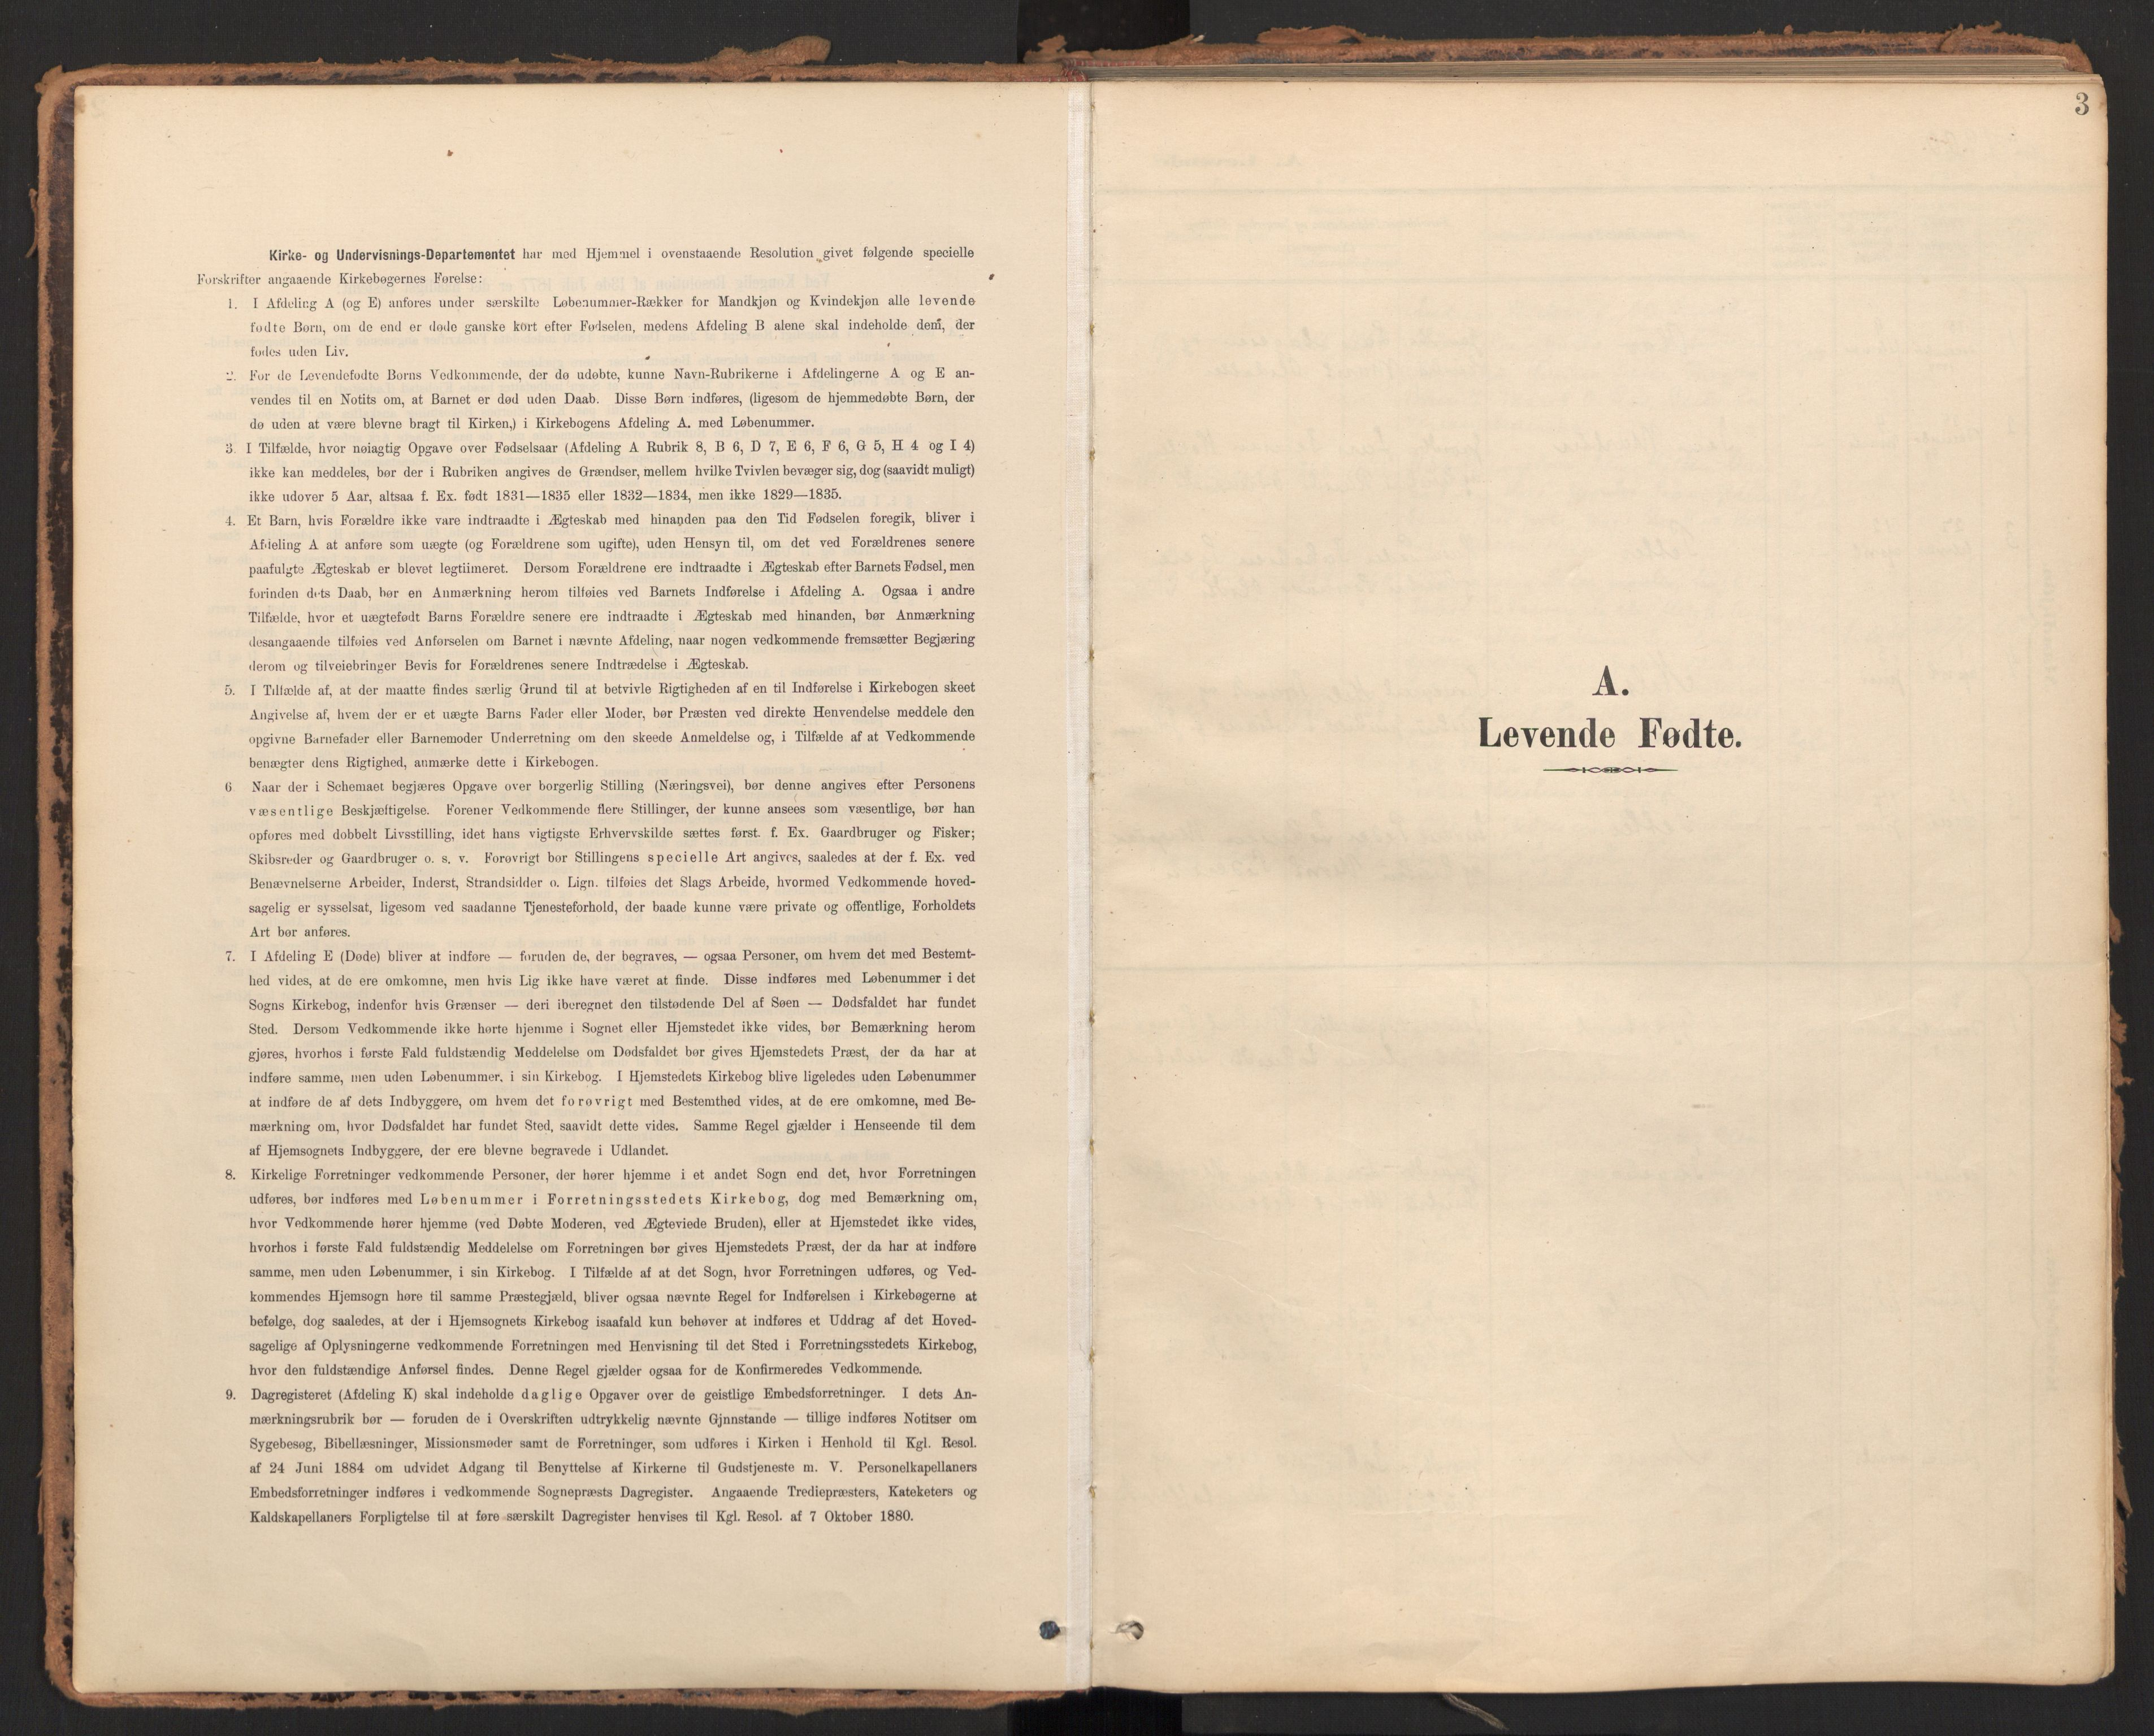 SAT, Ministerialprotokoller, klokkerbøker og fødselsregistre - Møre og Romsdal, 595/L1048: Ministerialbok nr. 595A10, 1900-1917, s. 3